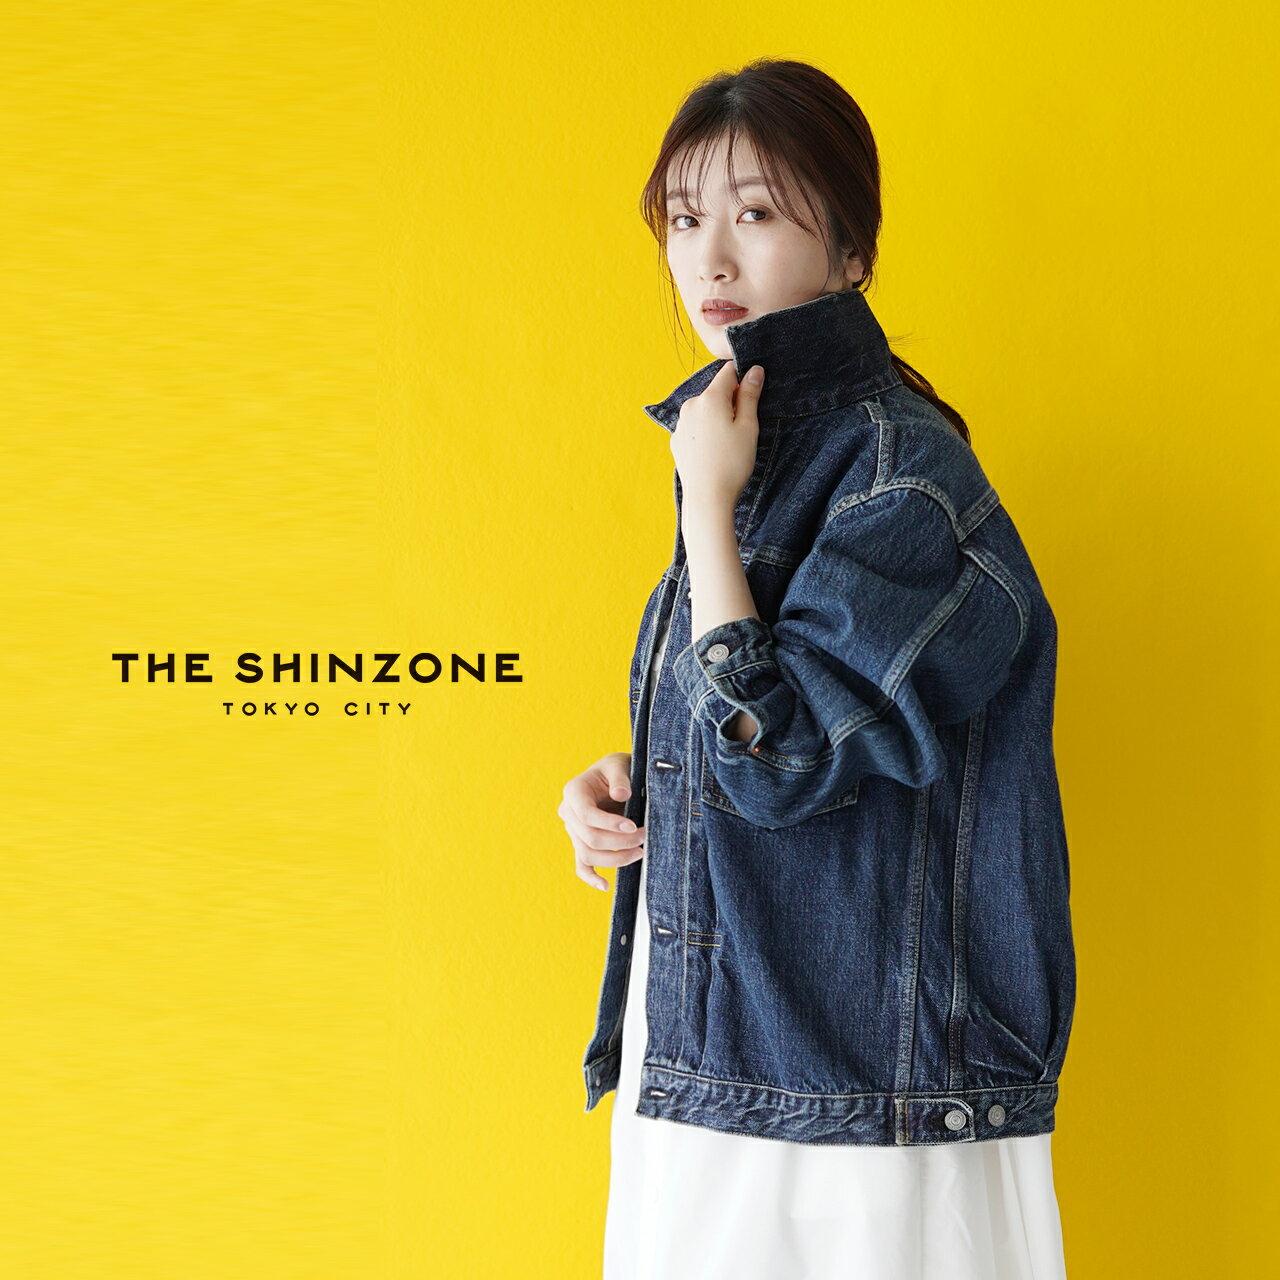 レディースファッション, コート・ジャケット  2021 G 2 21MMSJK05 50S TYPE 50S DENIM JACKET THE SHINZONE 0325